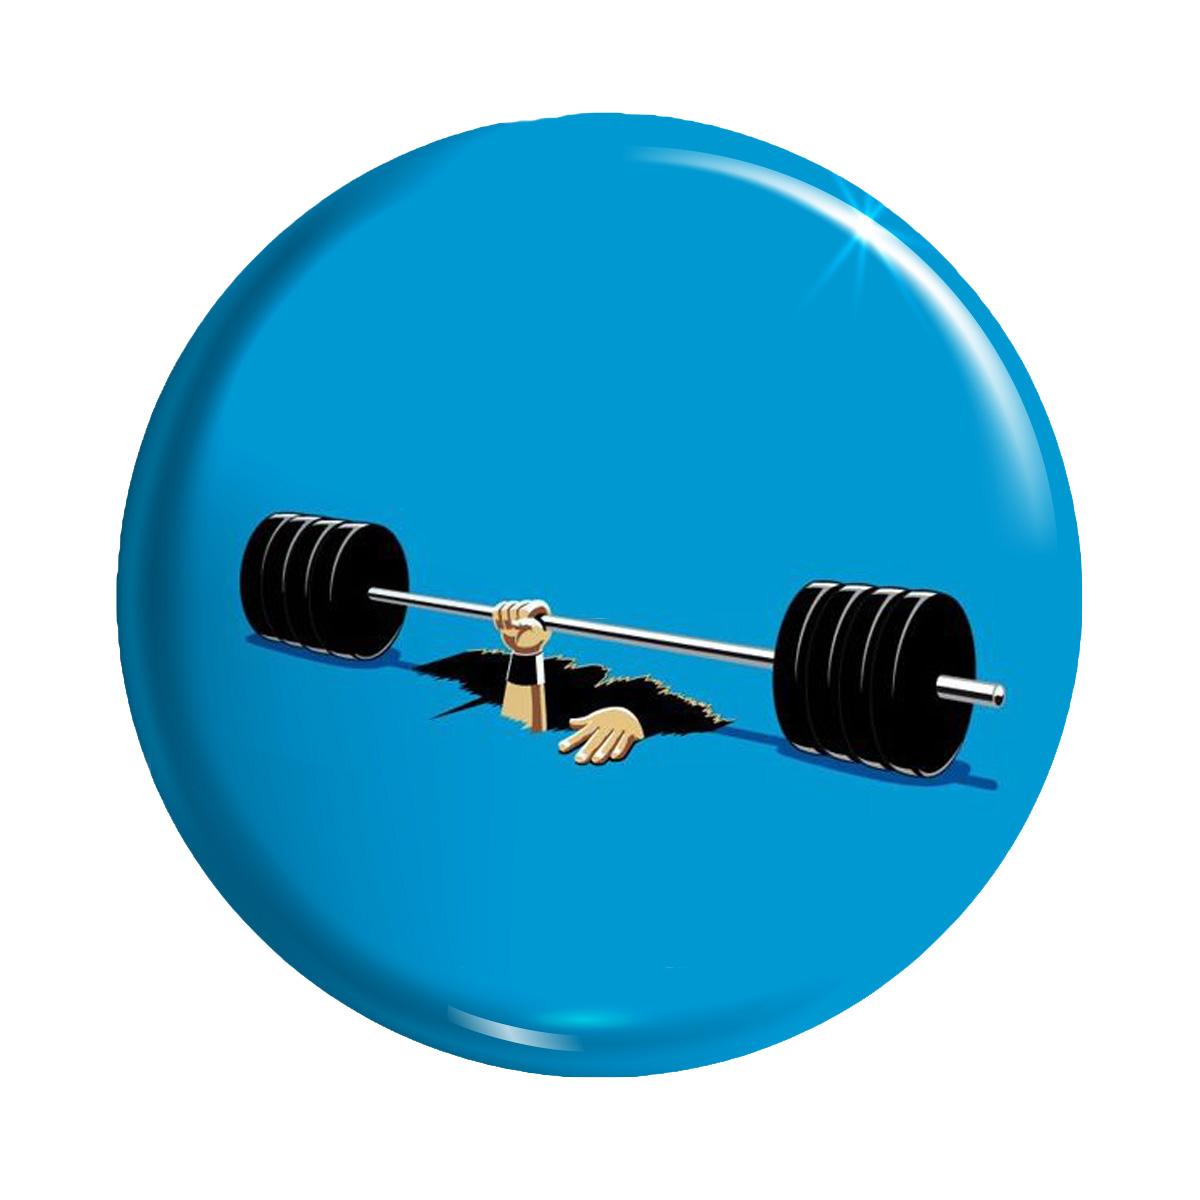 پیکسل تیداکس طرح ورزشی بدنسازی دمبل فیتنس کد TiD031